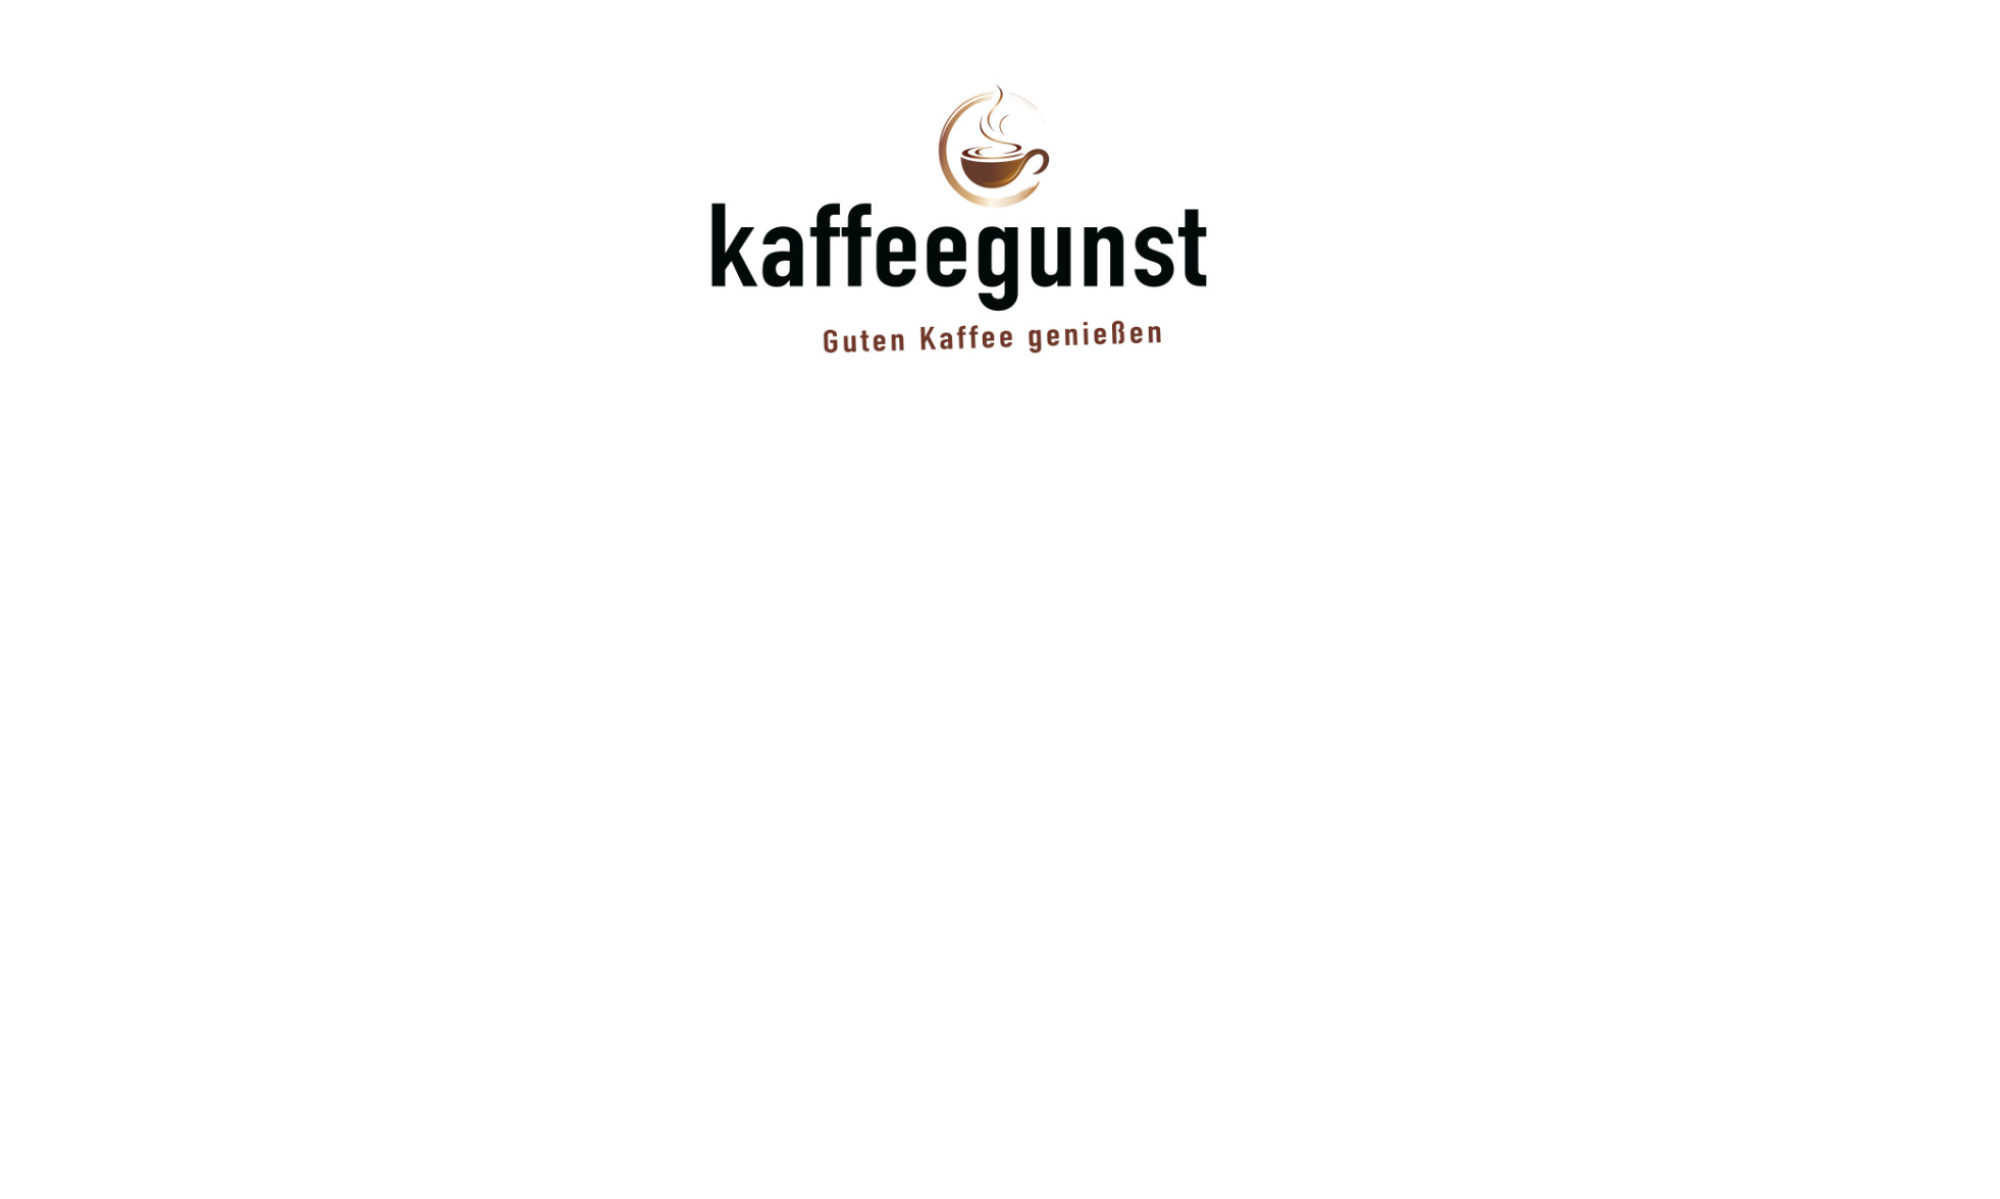 kaffegunst